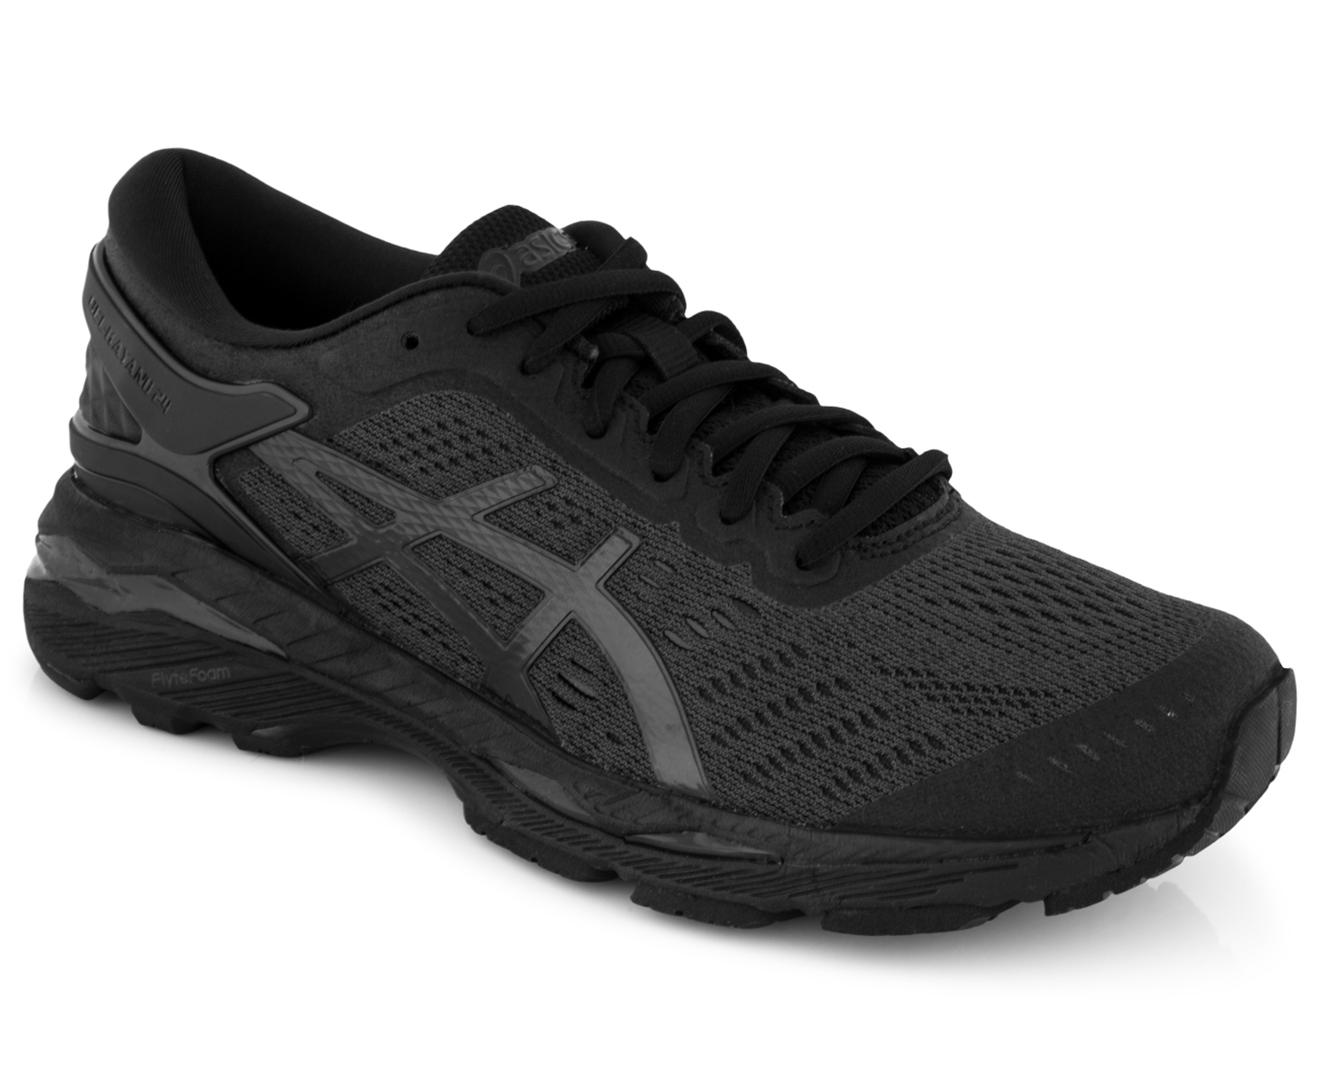 Asics Women S Gel Kayano 24 Shoe Black Black Carbon